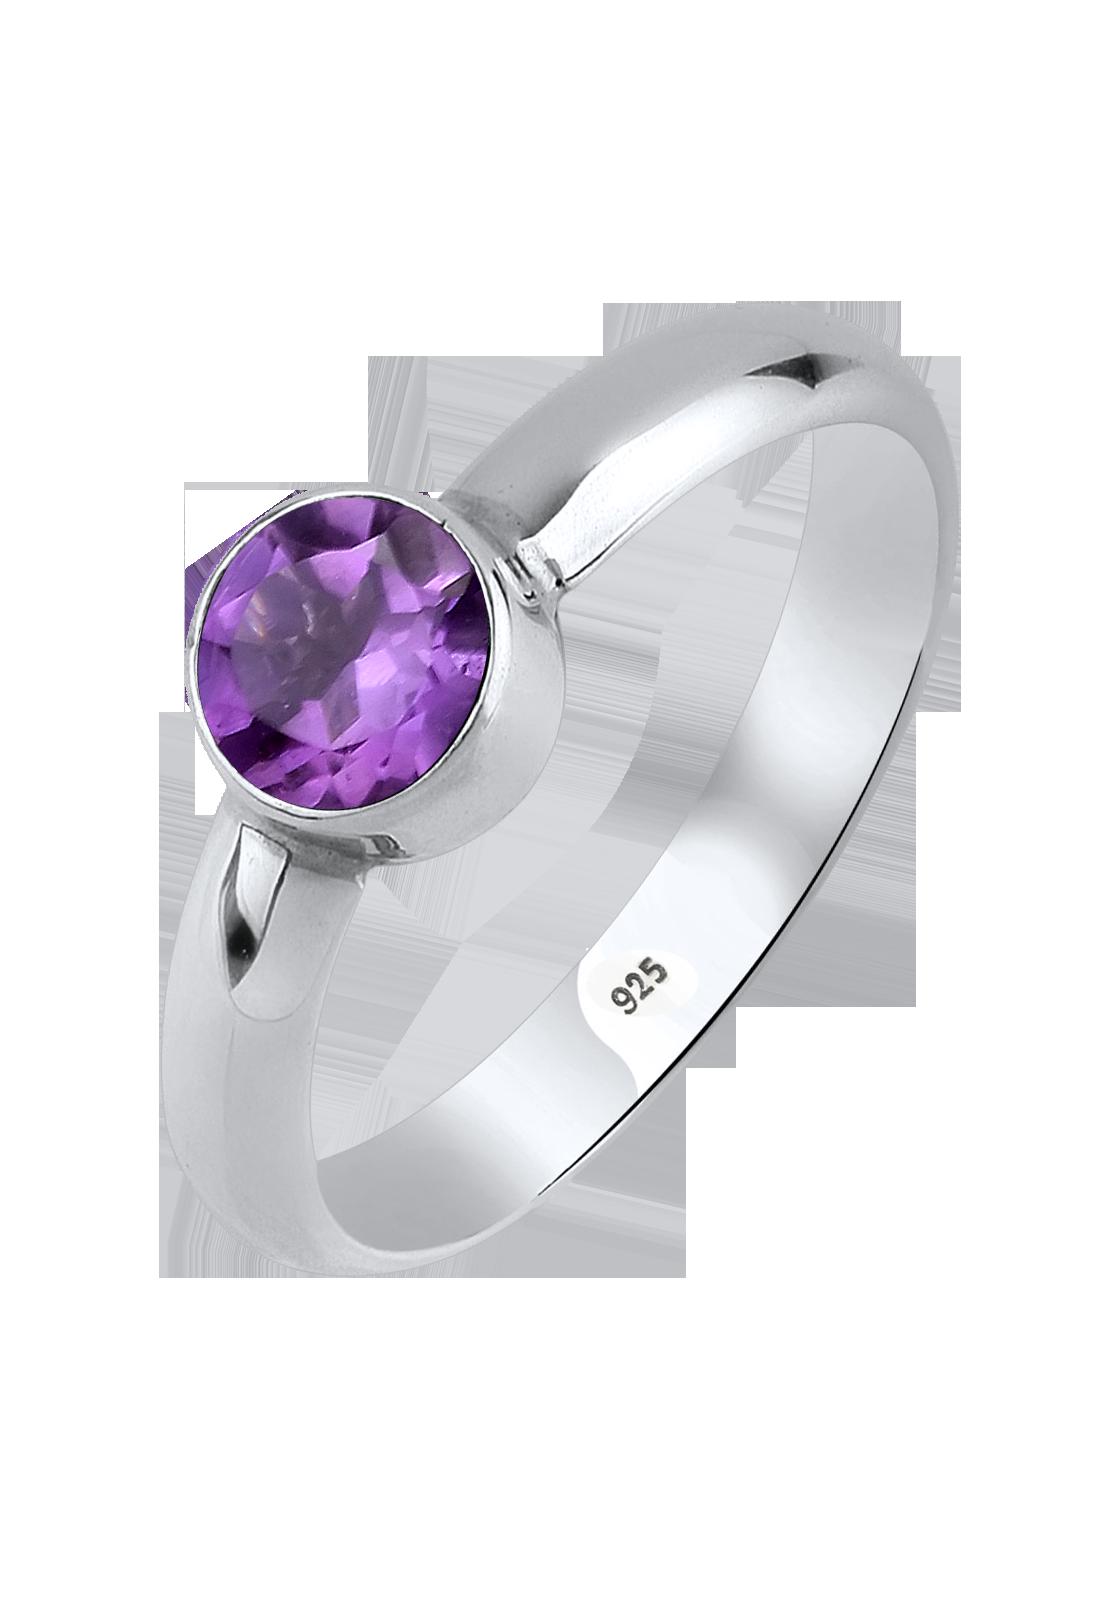 Der Amethyst gehört zu den violetten Edelsteinen